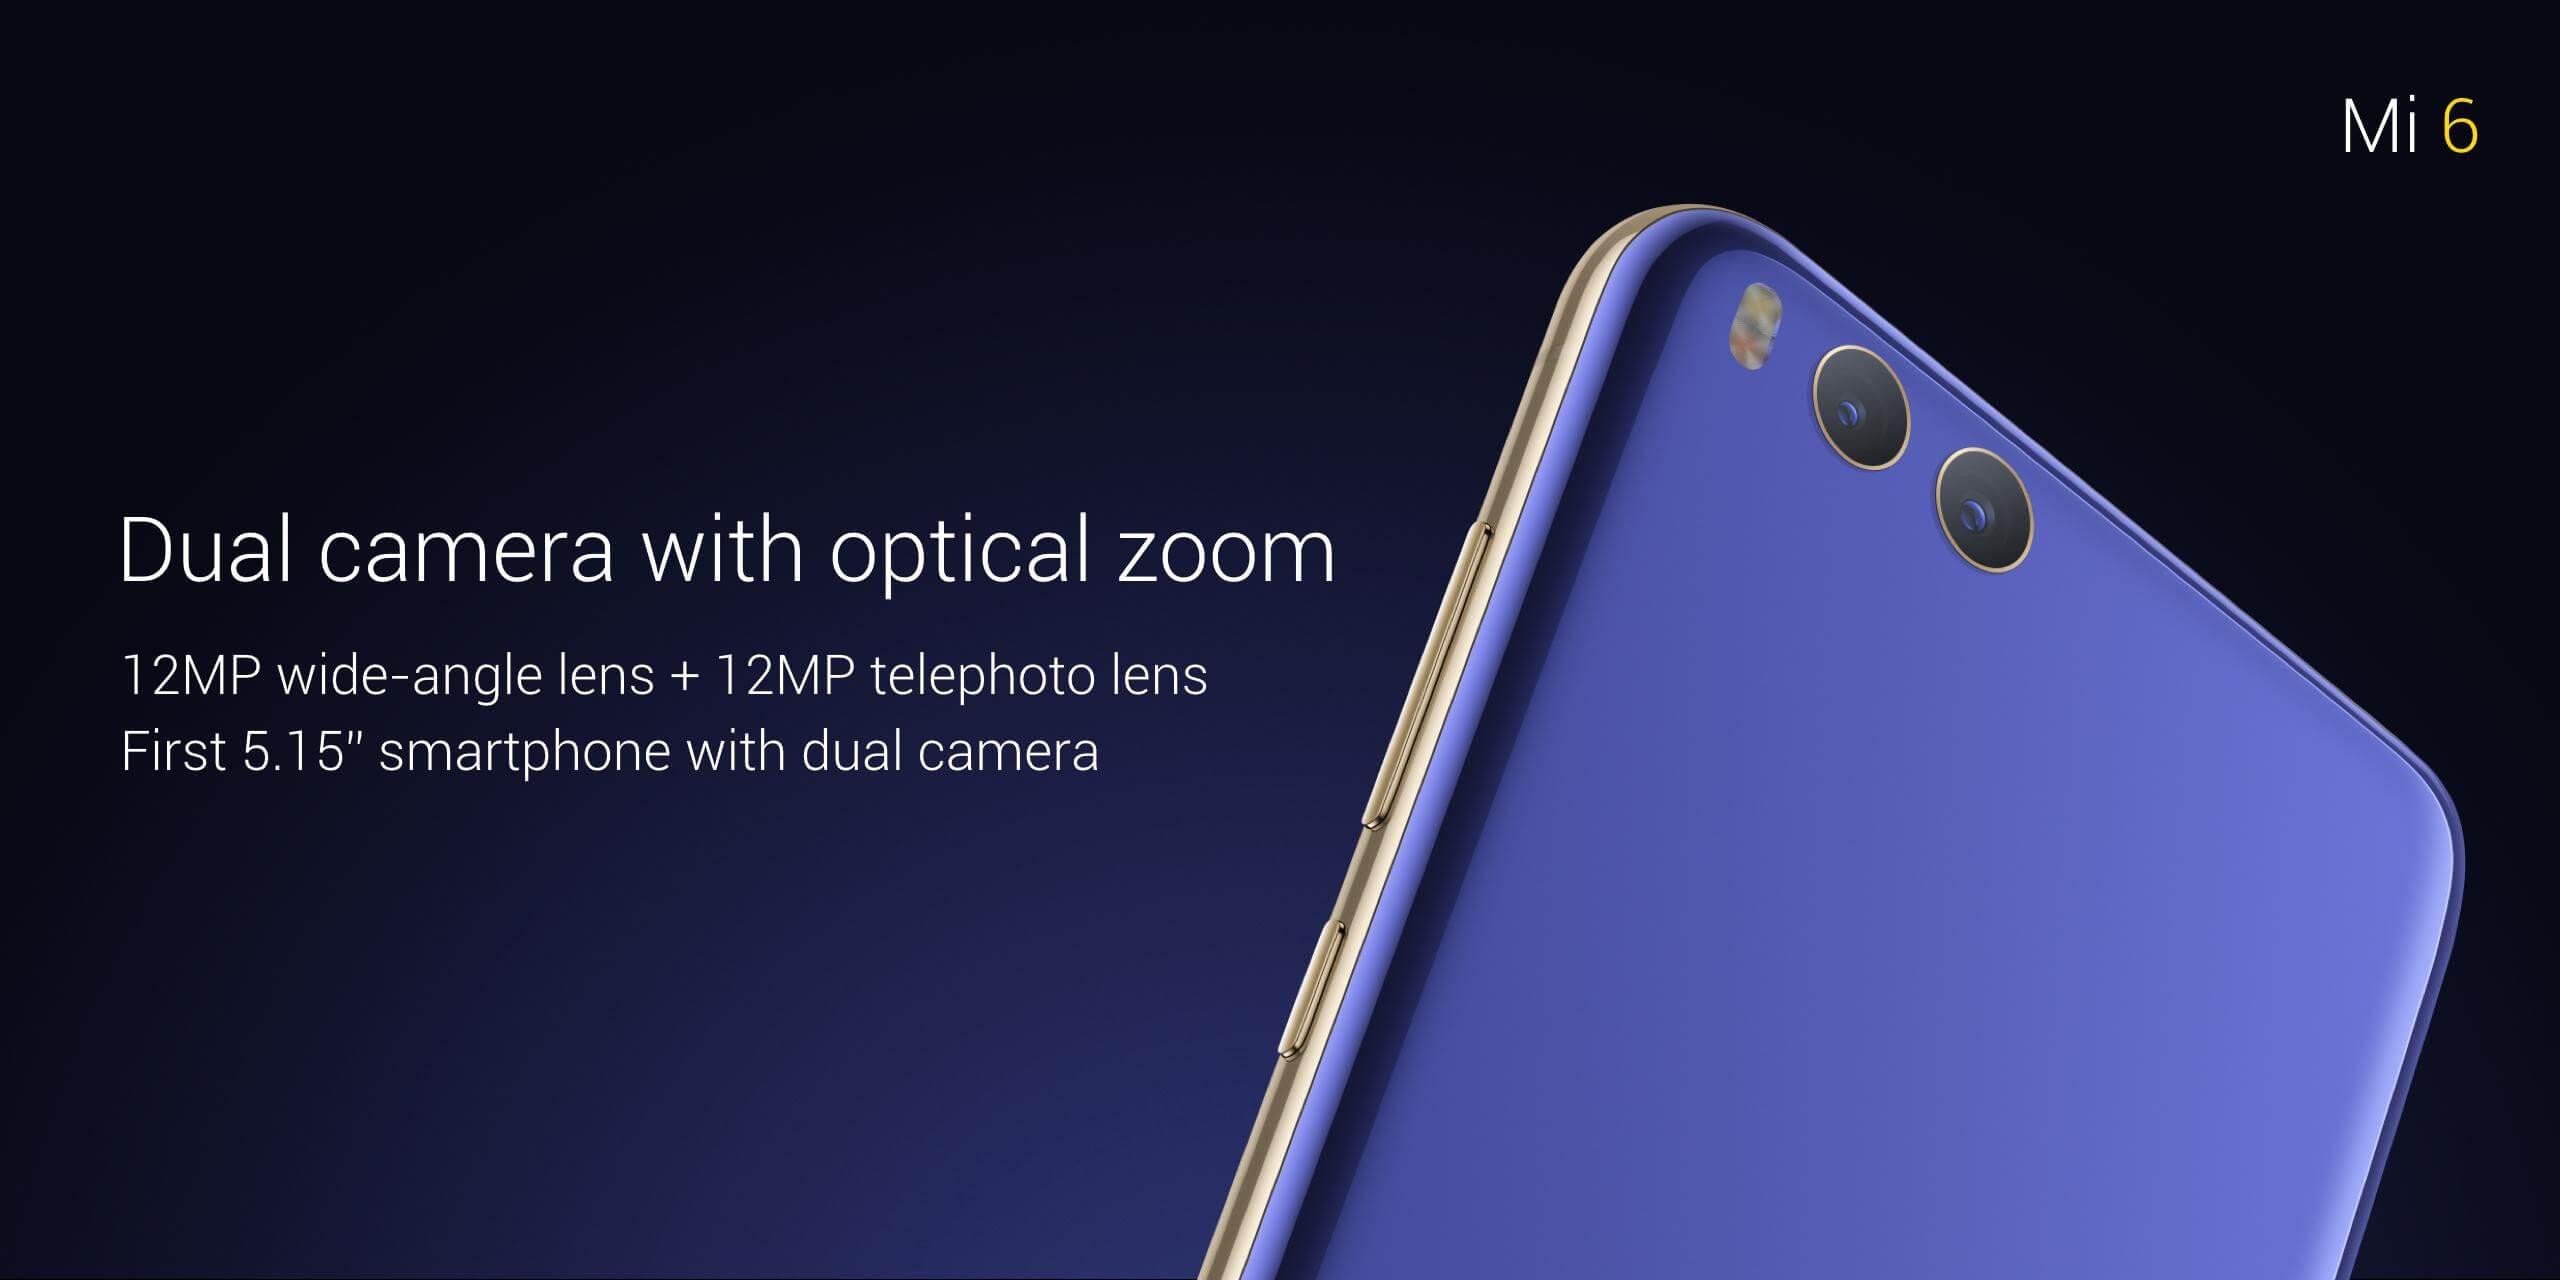 Xioami Mi 6_dual camera